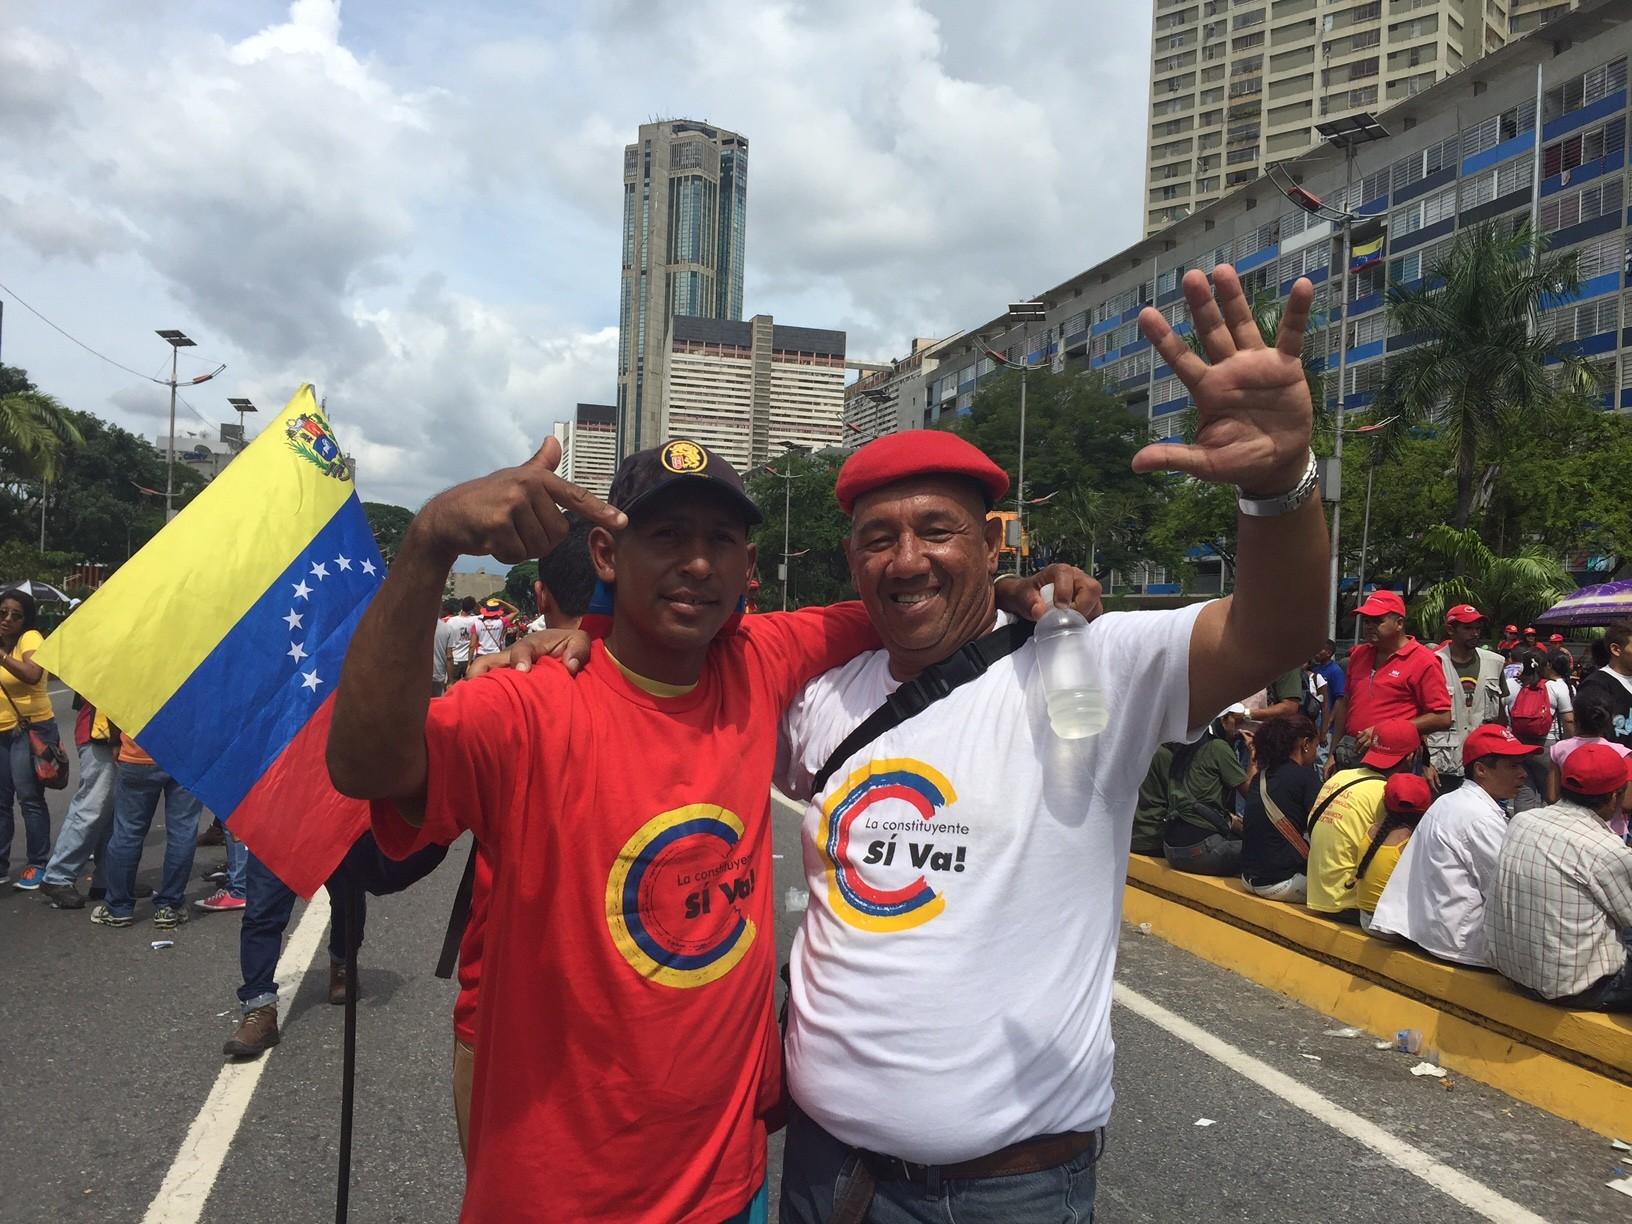 Presidente Maduro: Vamos a una gran victoria popular del Poder Constituyente